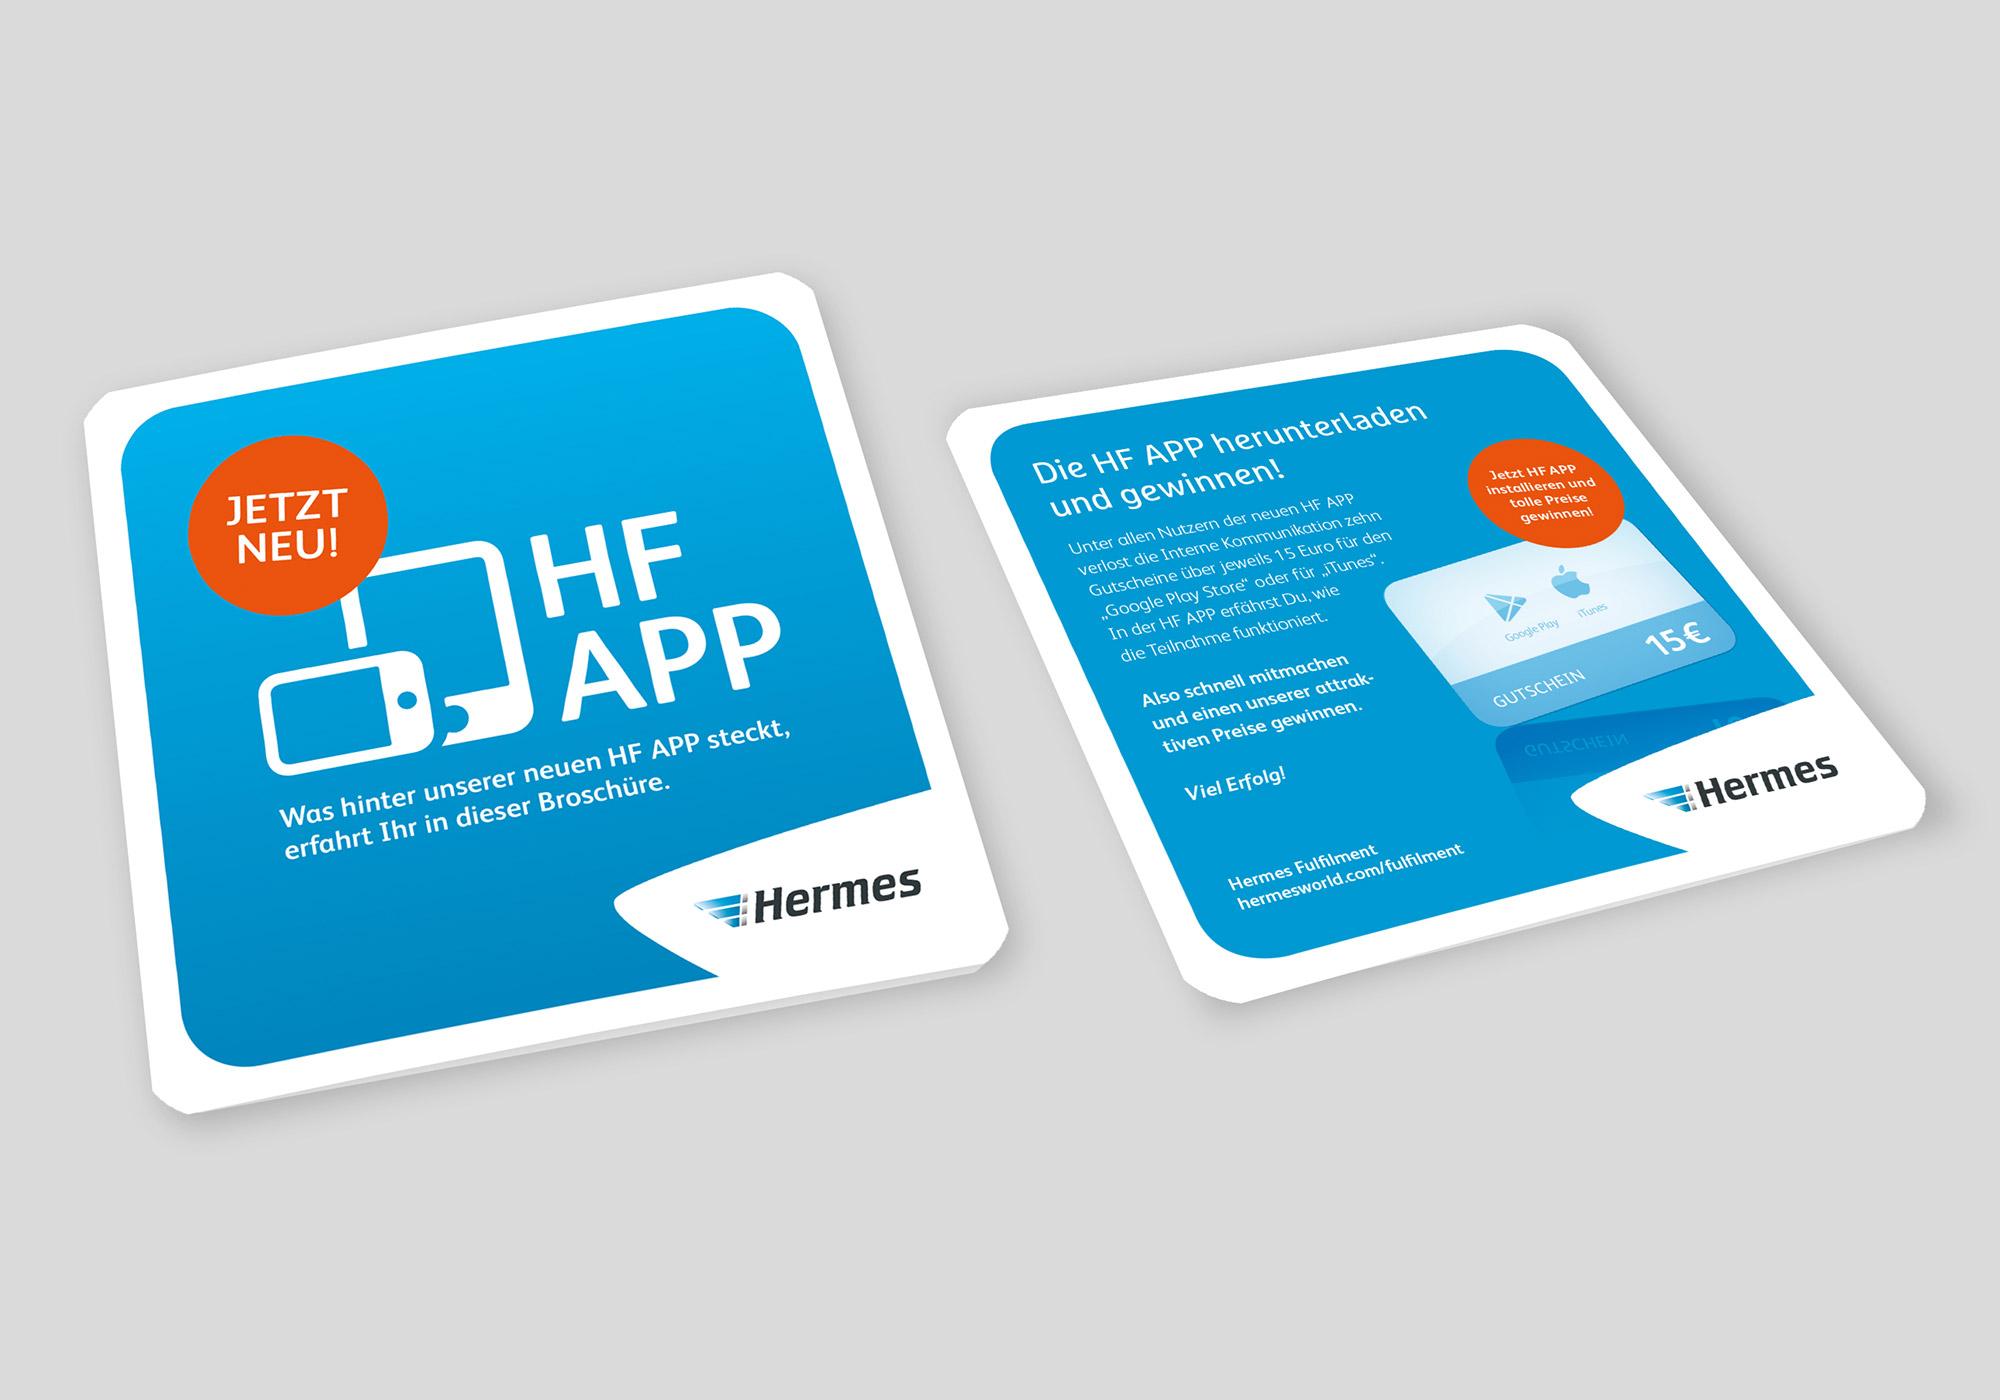 007_HF_App_XFolder